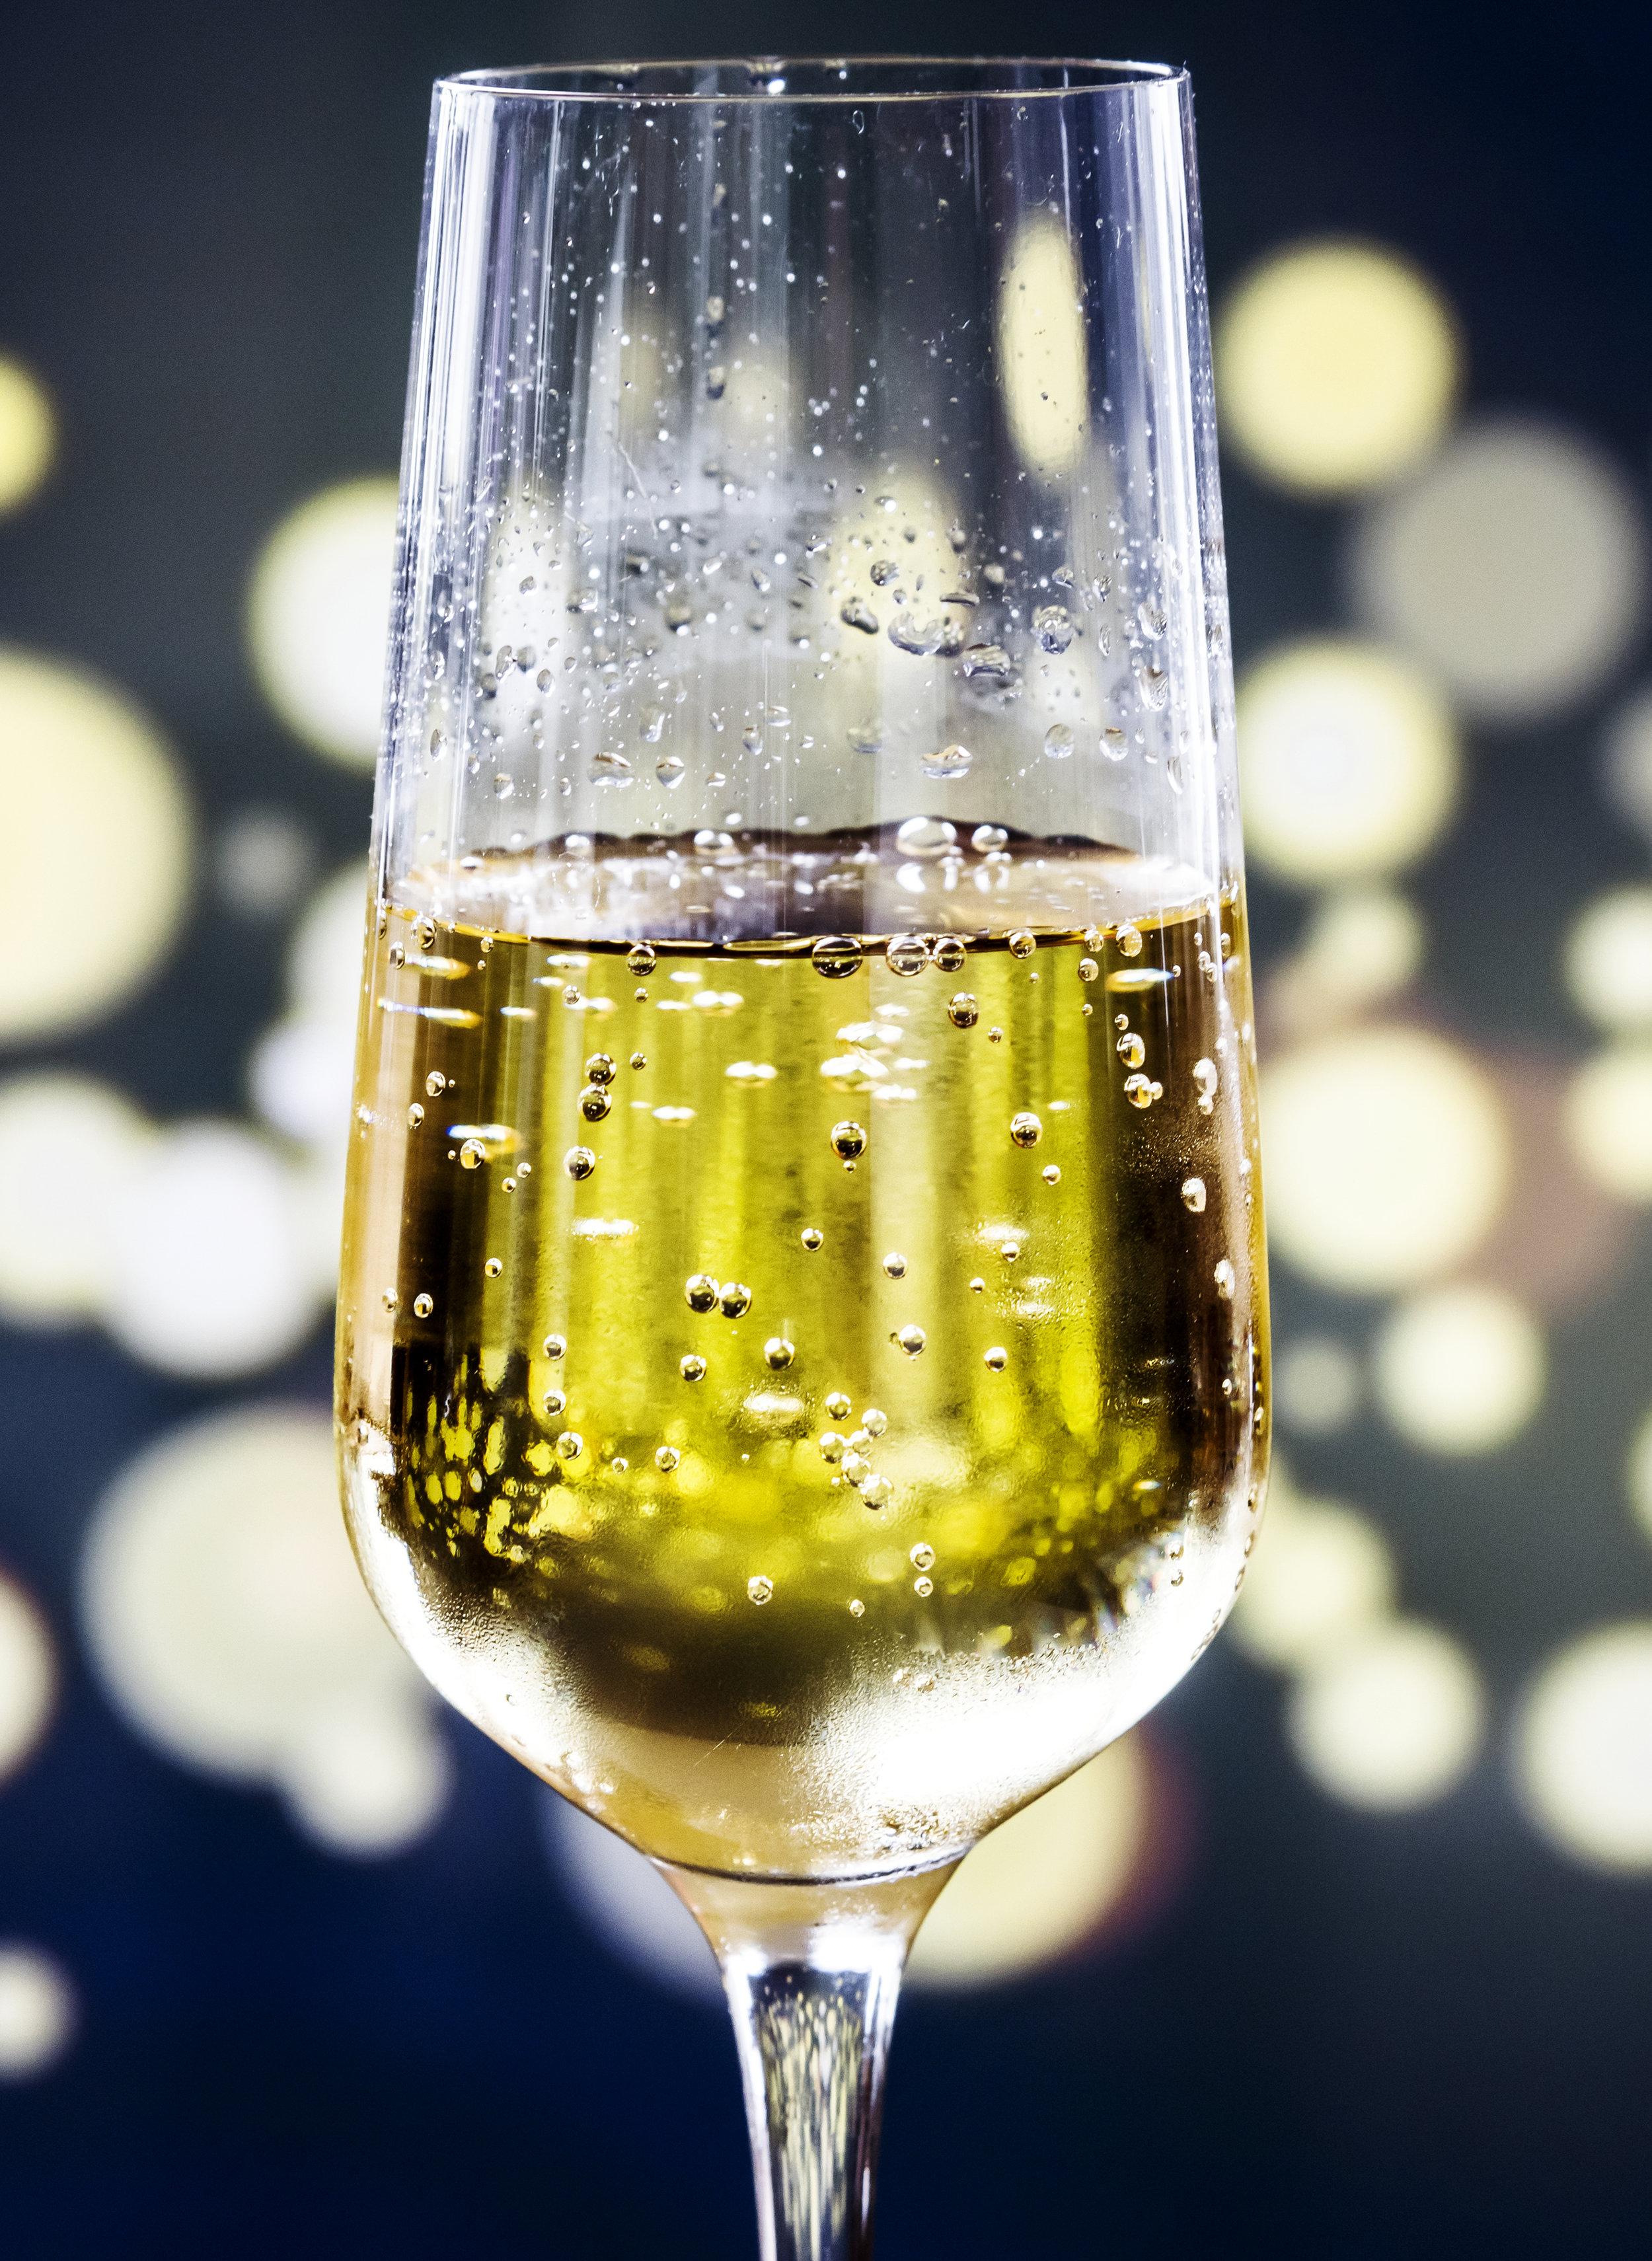 RIESECCO weiß Durbach - Die Weinherstellung: Die einmalige Steillage in Durbach/Baden mit Granitverwitterung als Bodenart gibt dem RIESECCO eine ganz besondere Qualität und Vollmundigkeit. Die Riesling-Traube kann in diesem Perlwein ihr volles Aroma zur Geltung bringen.Der Wein: Gelb schimmernd mit grünlichen Reflexen prickelt dieser feinperlige SECCO im Glas. Intensiv duftend nach Aprikose, Pfirsich, Maracuja und etwas Ananas. Seine exotische Fruchtkombination harmoniert perfekt mit einer feinen mineralischen Note.Empfohlene Trinktemperatur: 8-10° C.Alkohol Vol.: 10,5%